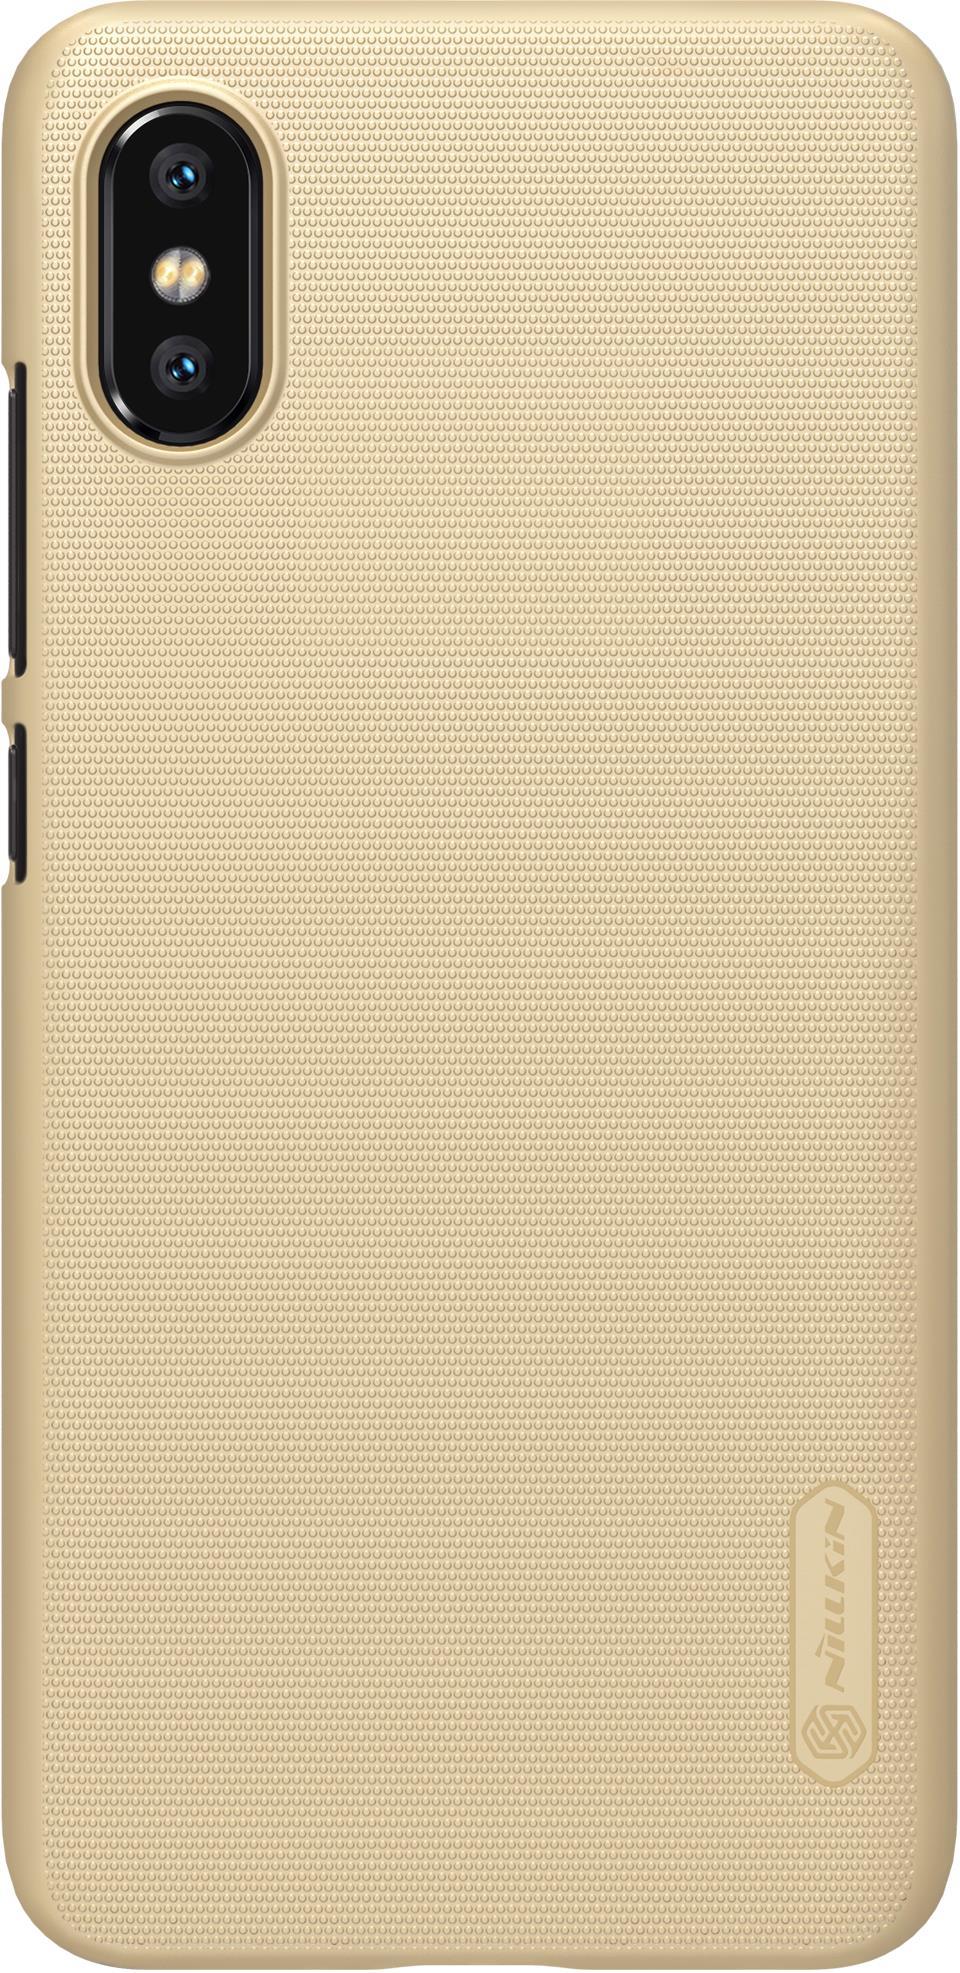 цена на Чехол для сотового телефона Nillkin T-N-XM8E-002, черный